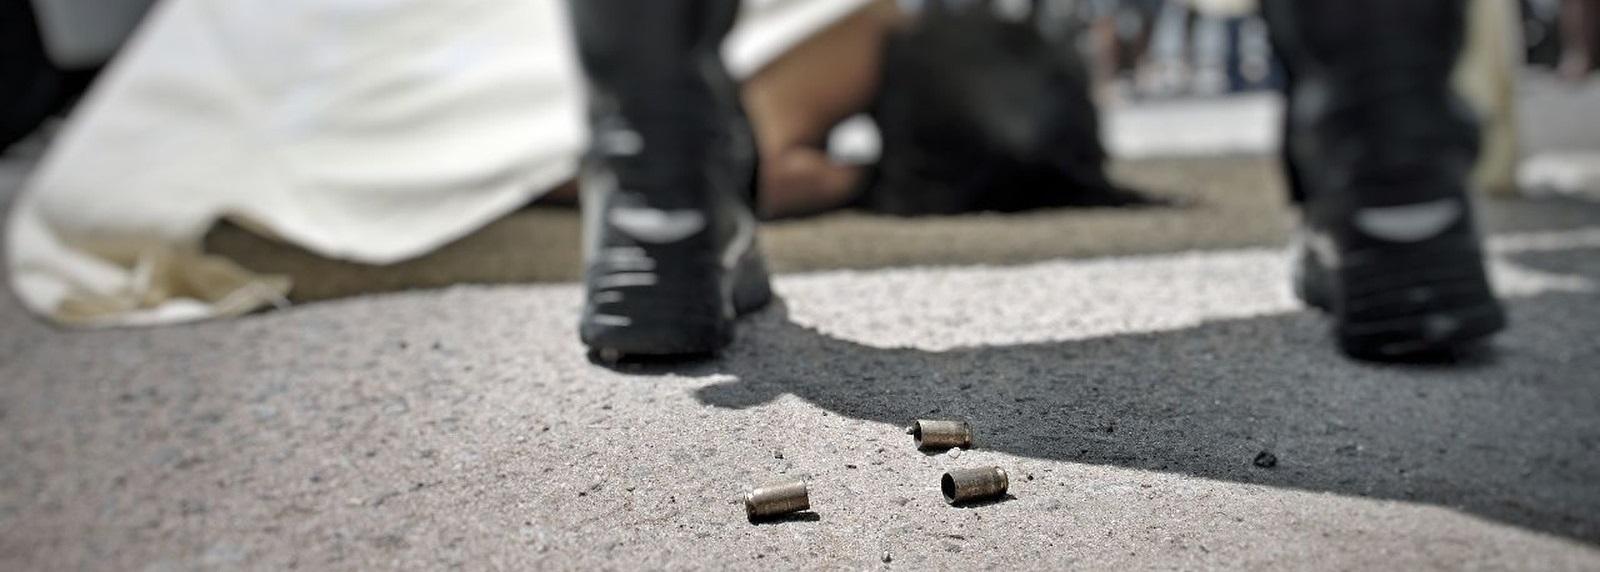 Brasil registra mais de 38 mil mortes violentas em nove meses